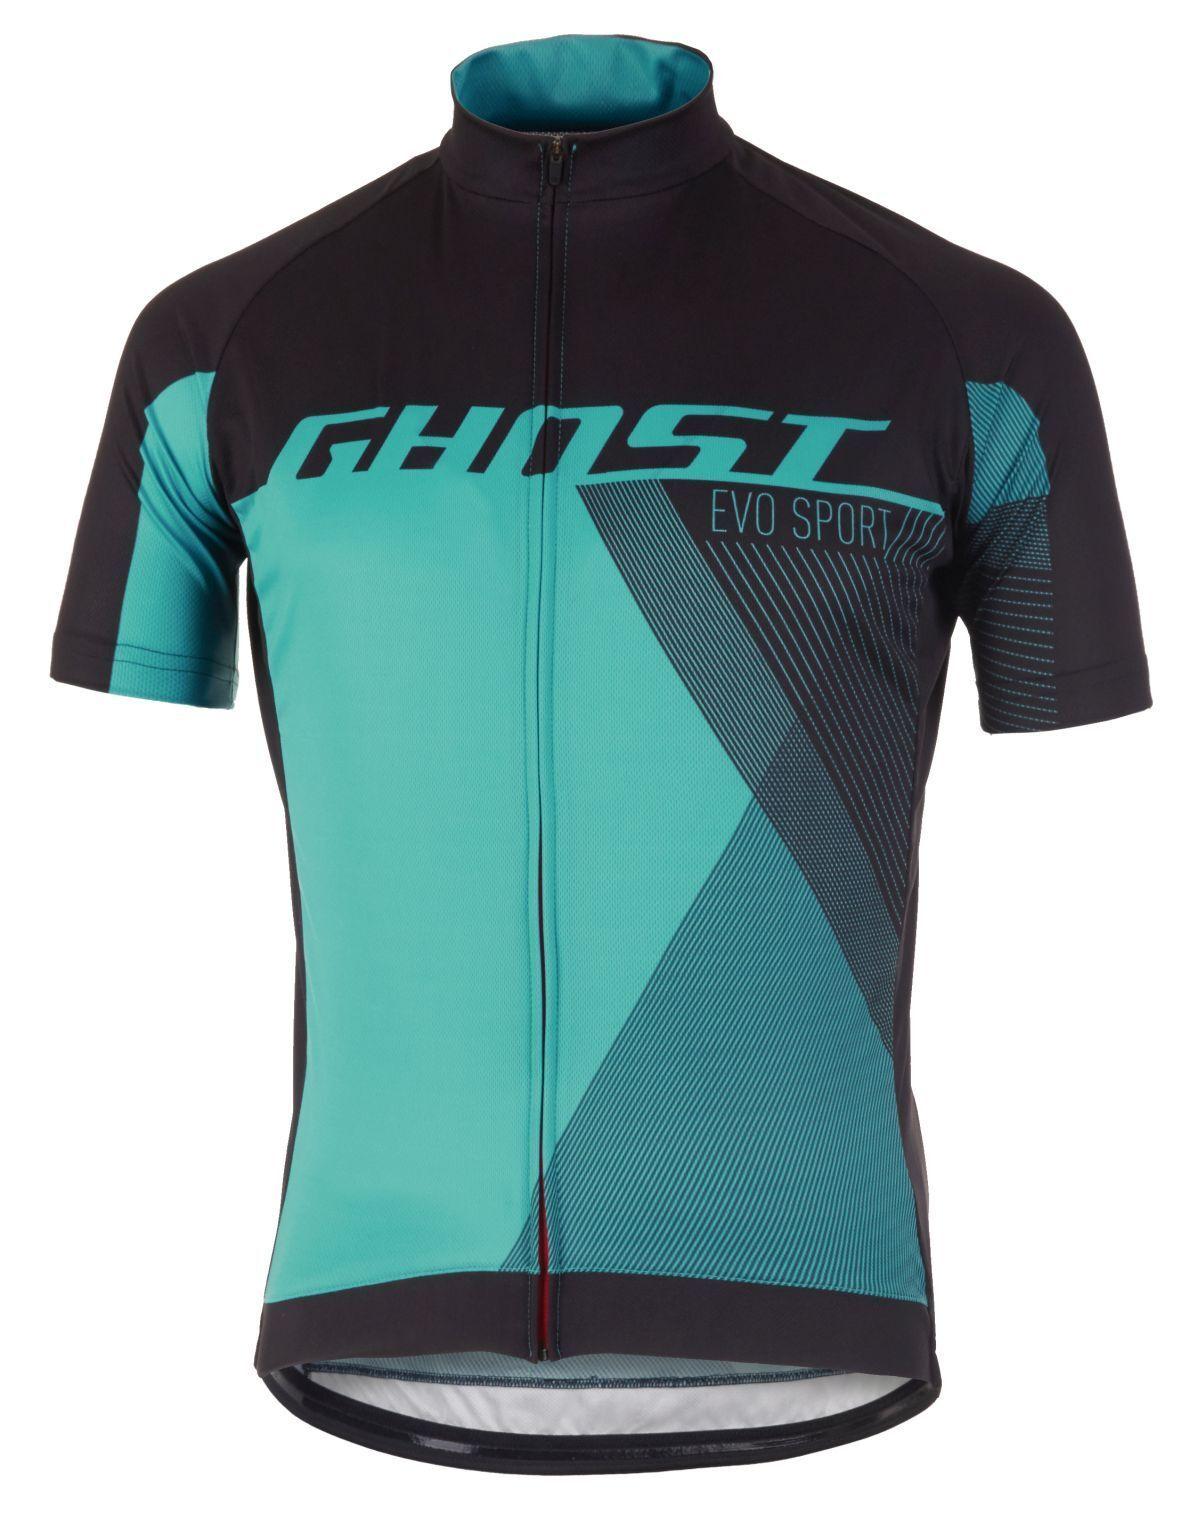 Ghost Performance Evo Jersey Short, Schwarzblau blau, Größe S, Fahrrad-Trikot